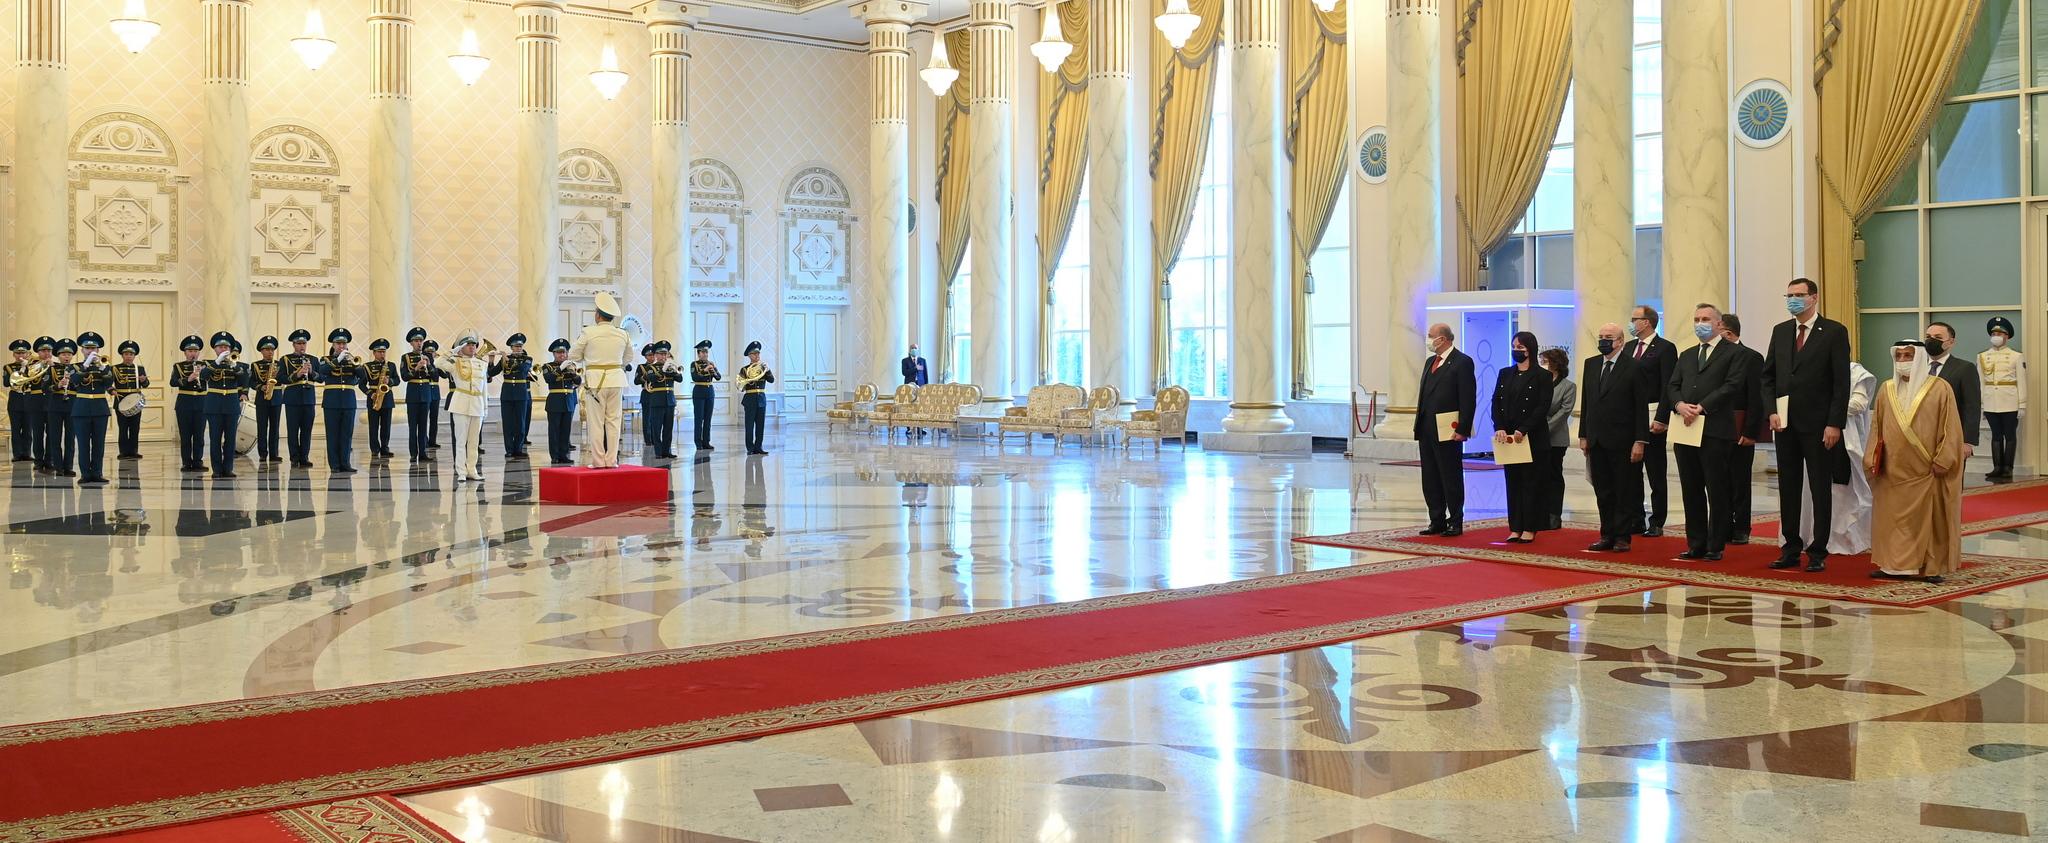 Президент принял верительные грамоты у послов ряда государств